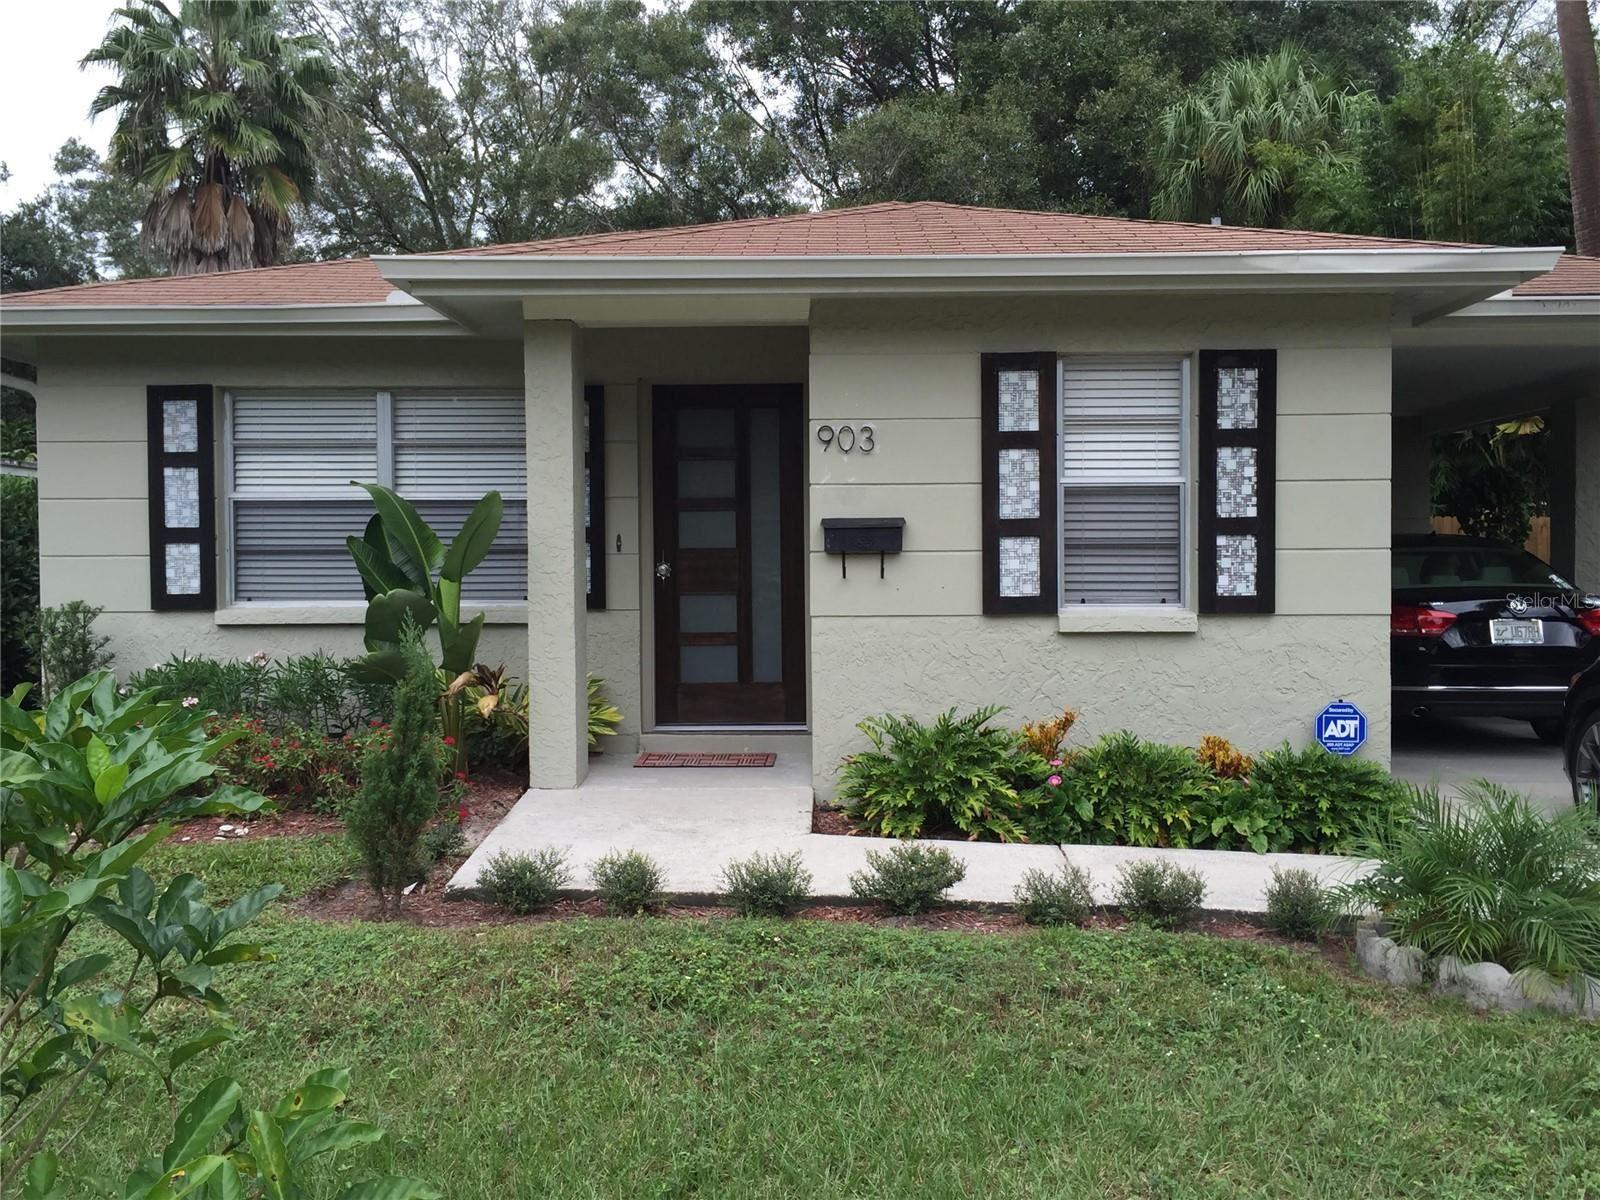 903 W CORAL STREET, Tampa, FL 33602 - #: U8138132